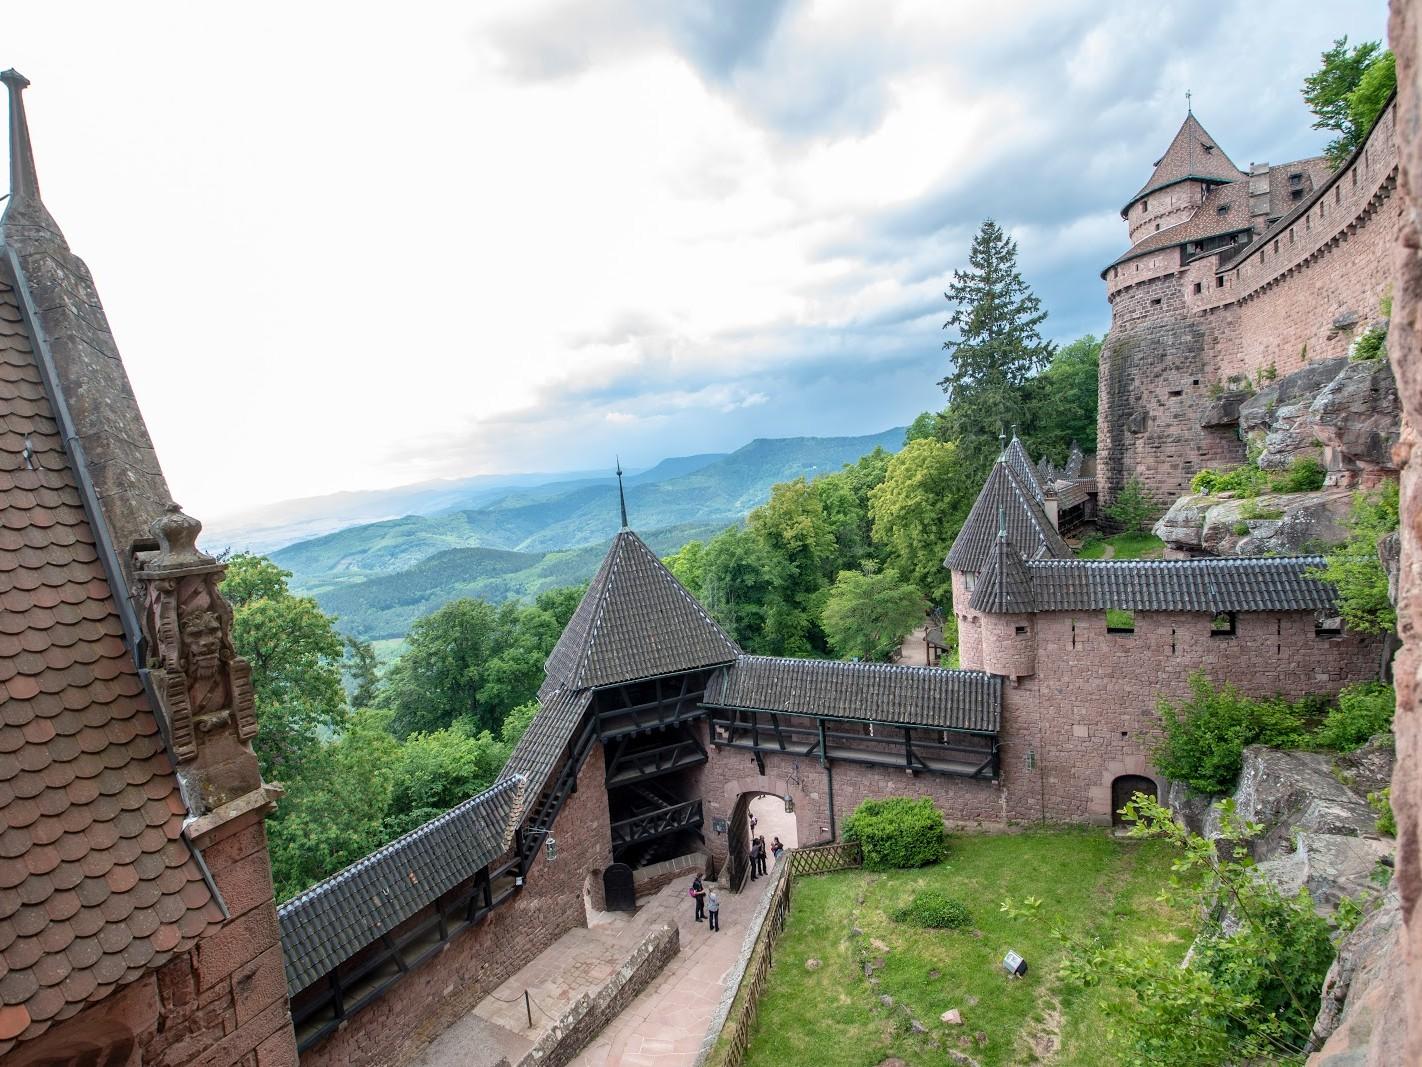 Château du Haut Kœnigsbourg remparts